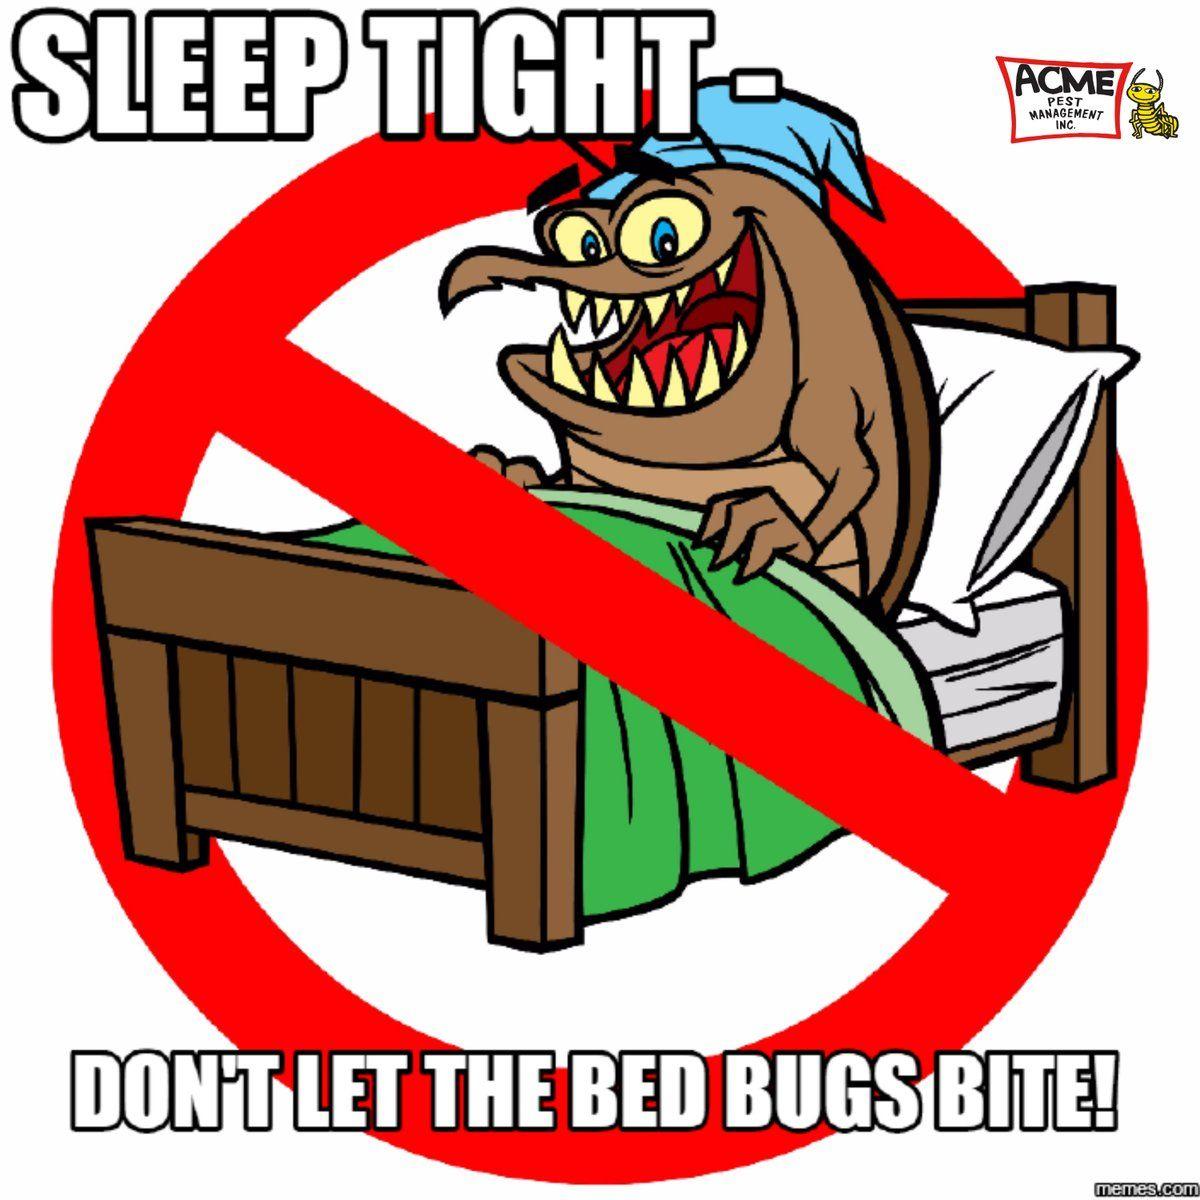 Acme Pest Management Inc's Bed Bugs Control Pest control